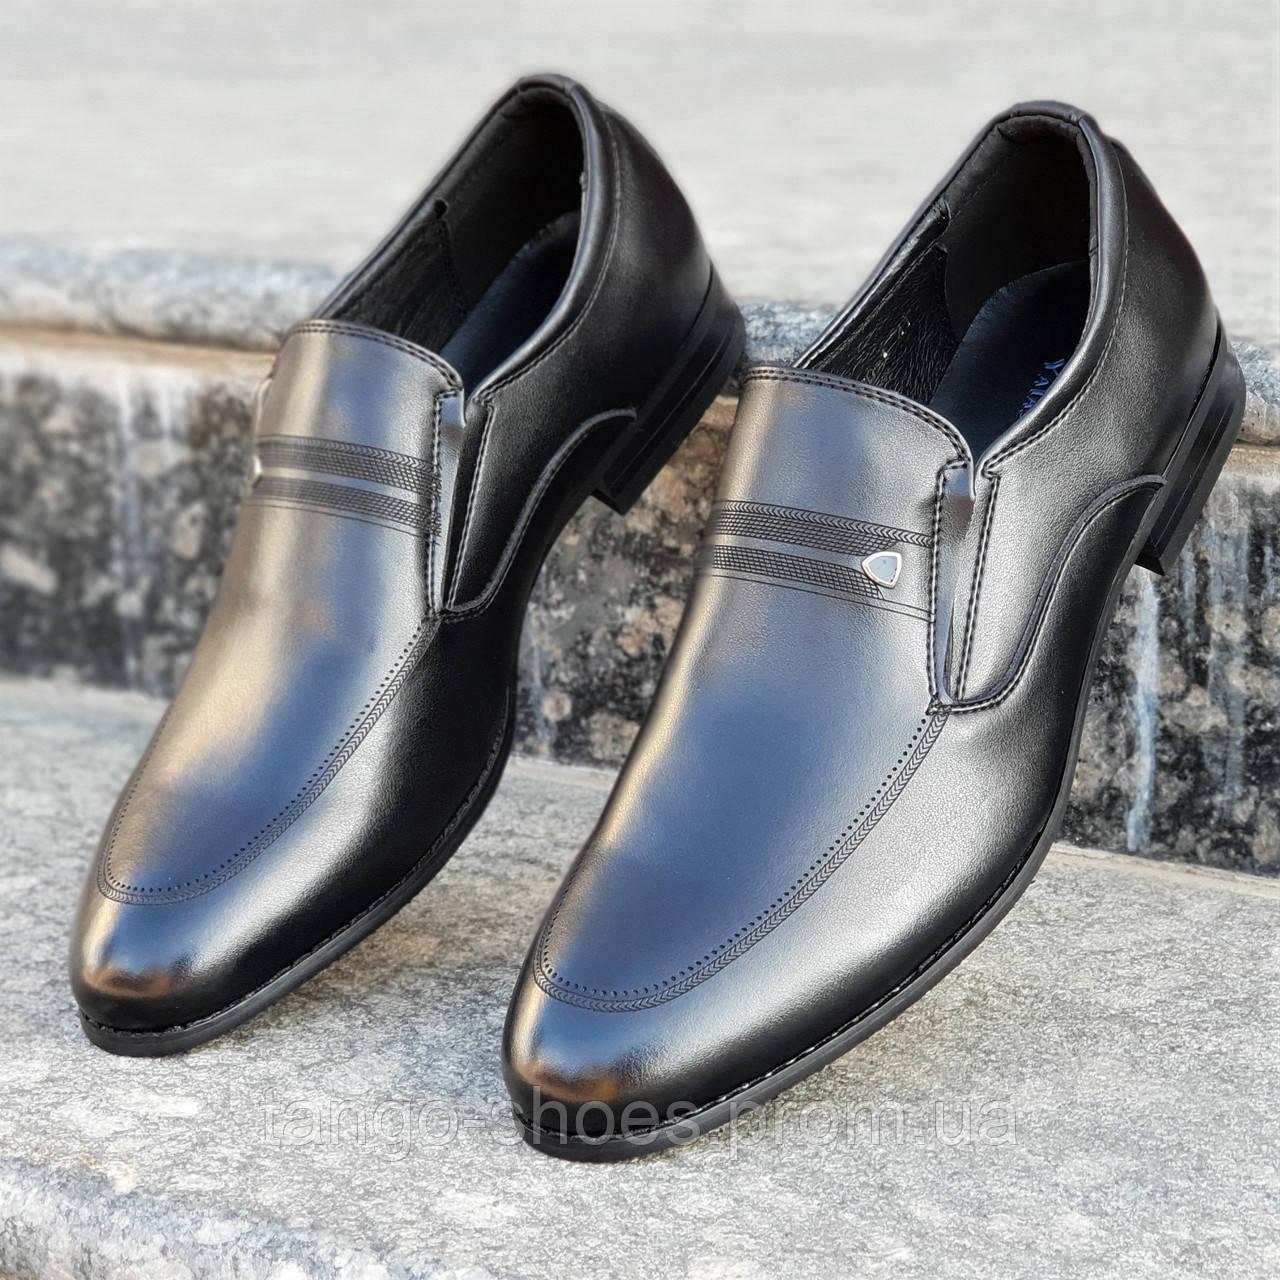 084875df Туфли мужские классические модельные без шнурков натуральная кожа черные  стильные (Код: Т1216а)